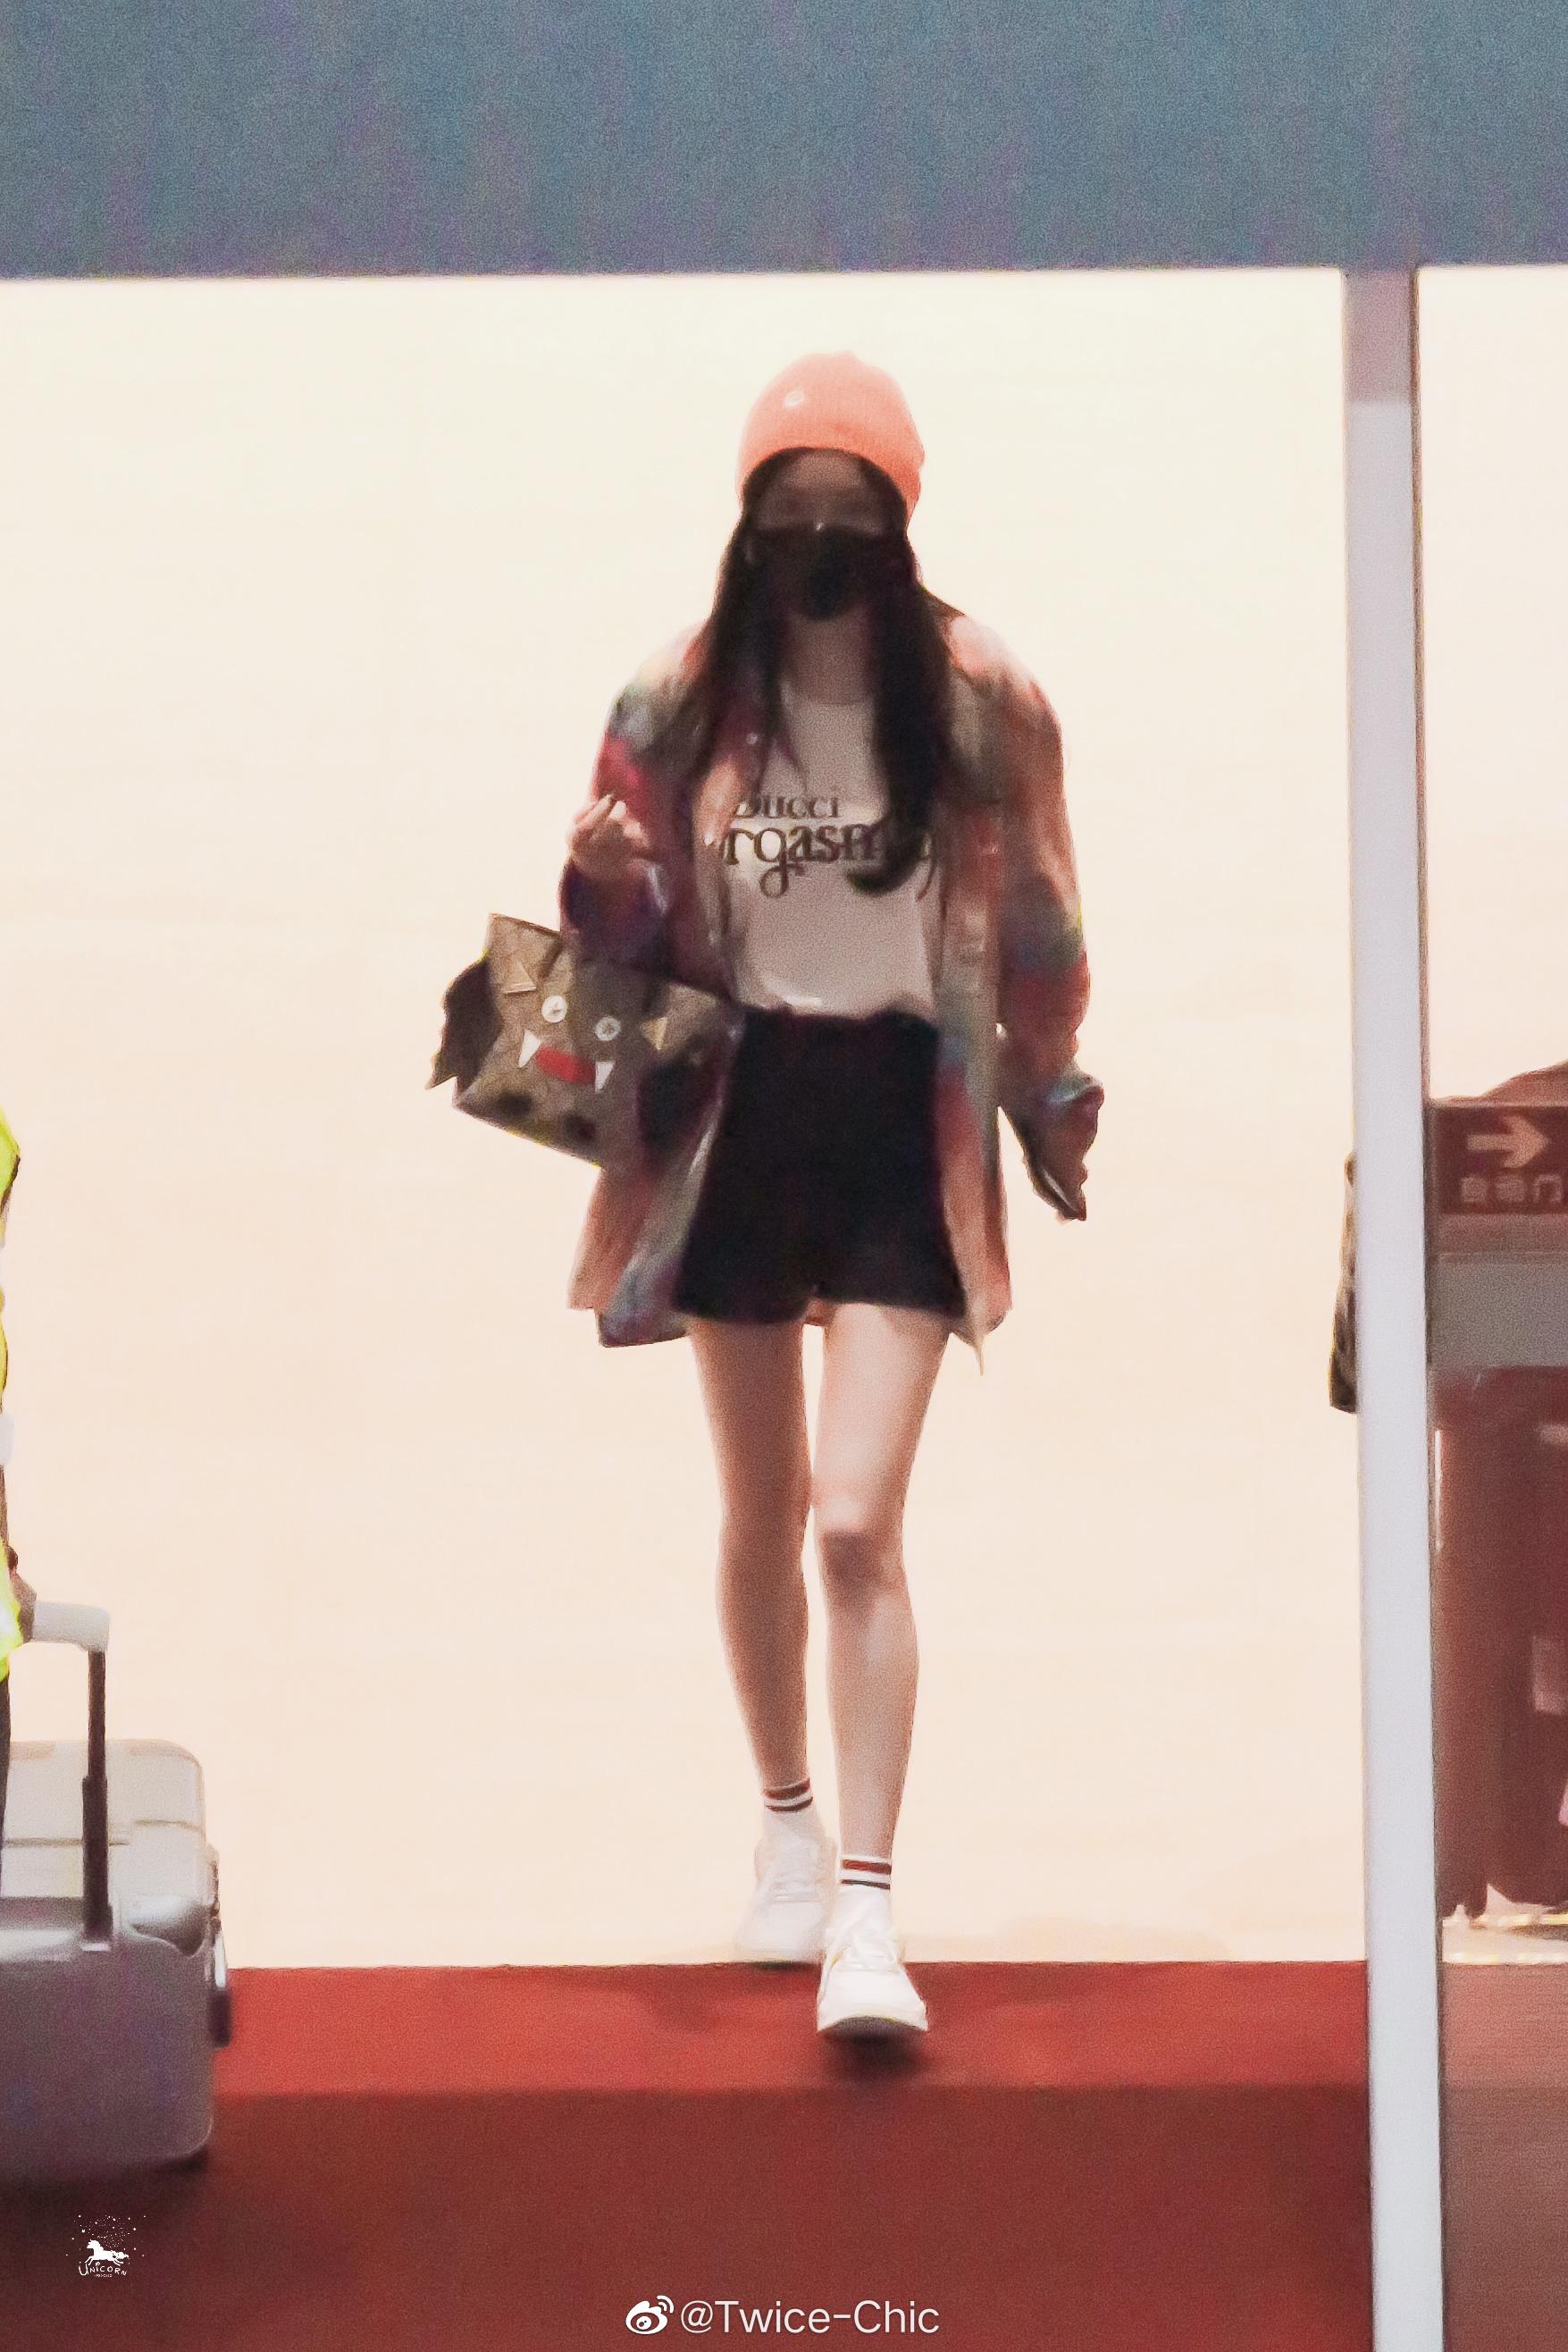 杨幂今日广州机场穿搭,橙色针织帽搭配扎染格纹衬衫